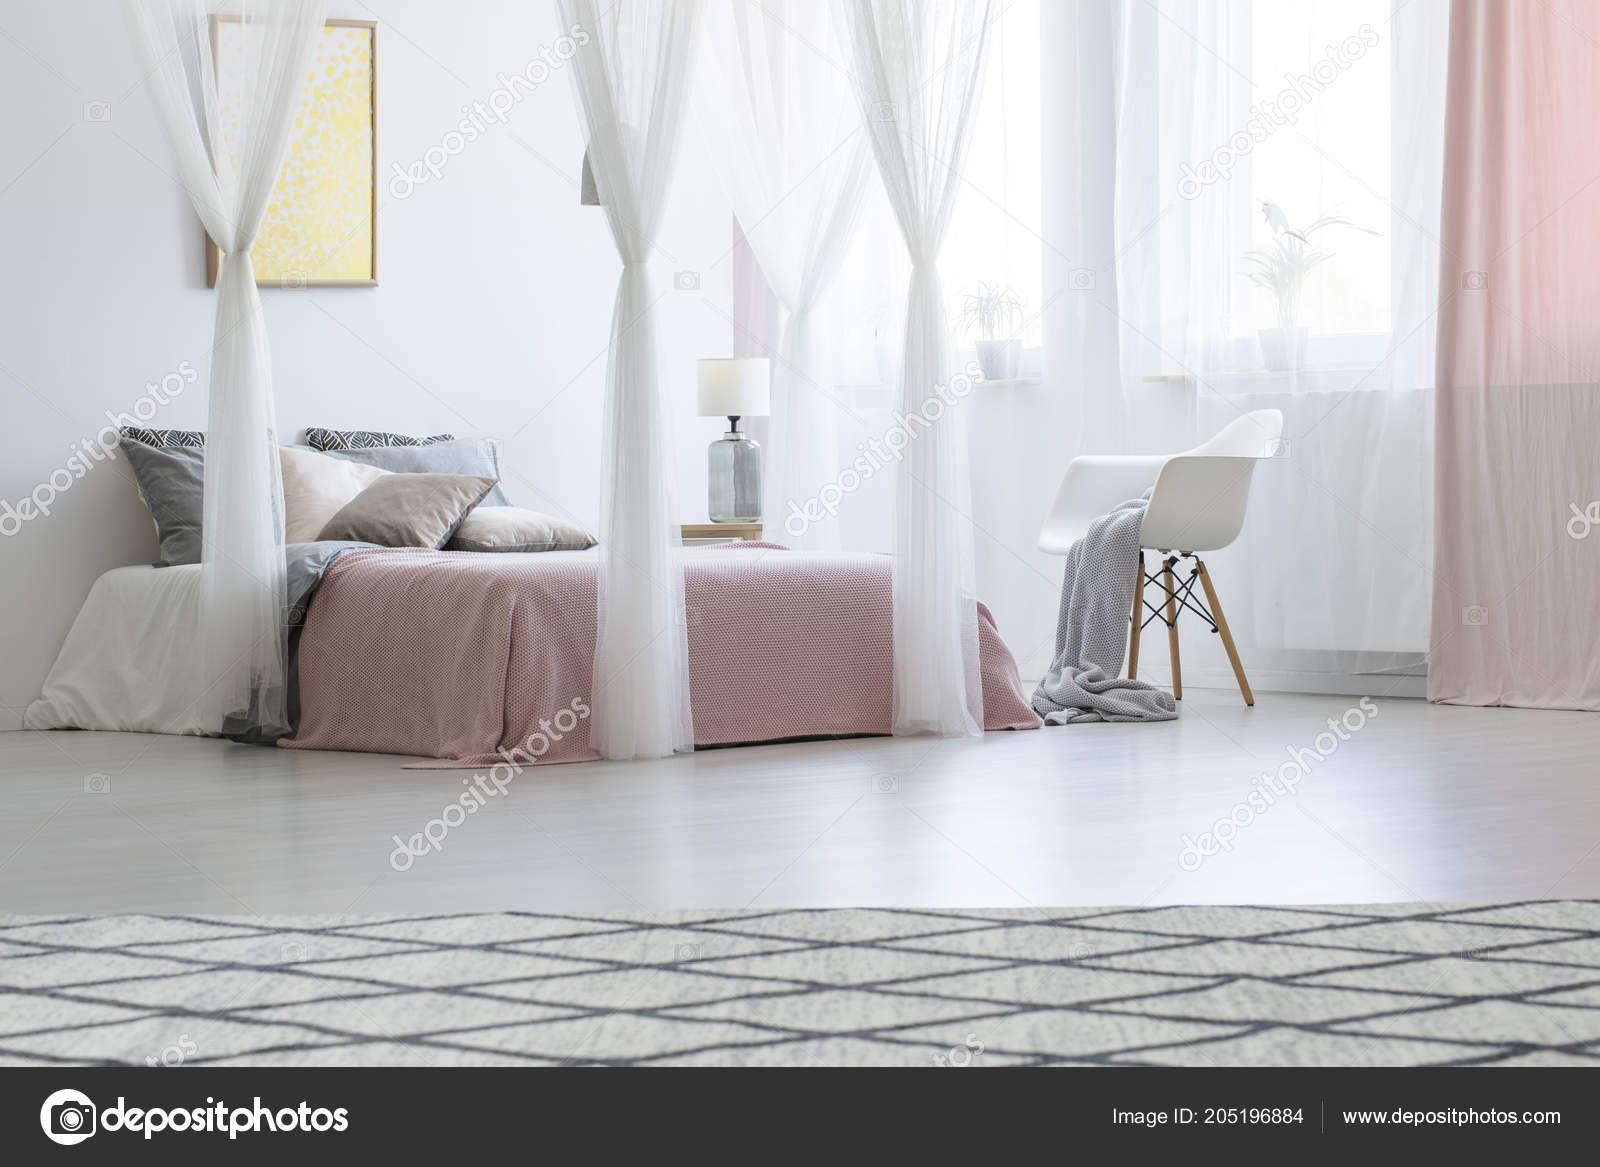 Fauteuil Blanc Côté Lit Baldaquin Dans Intérieur Chambre Pastel Rose ...